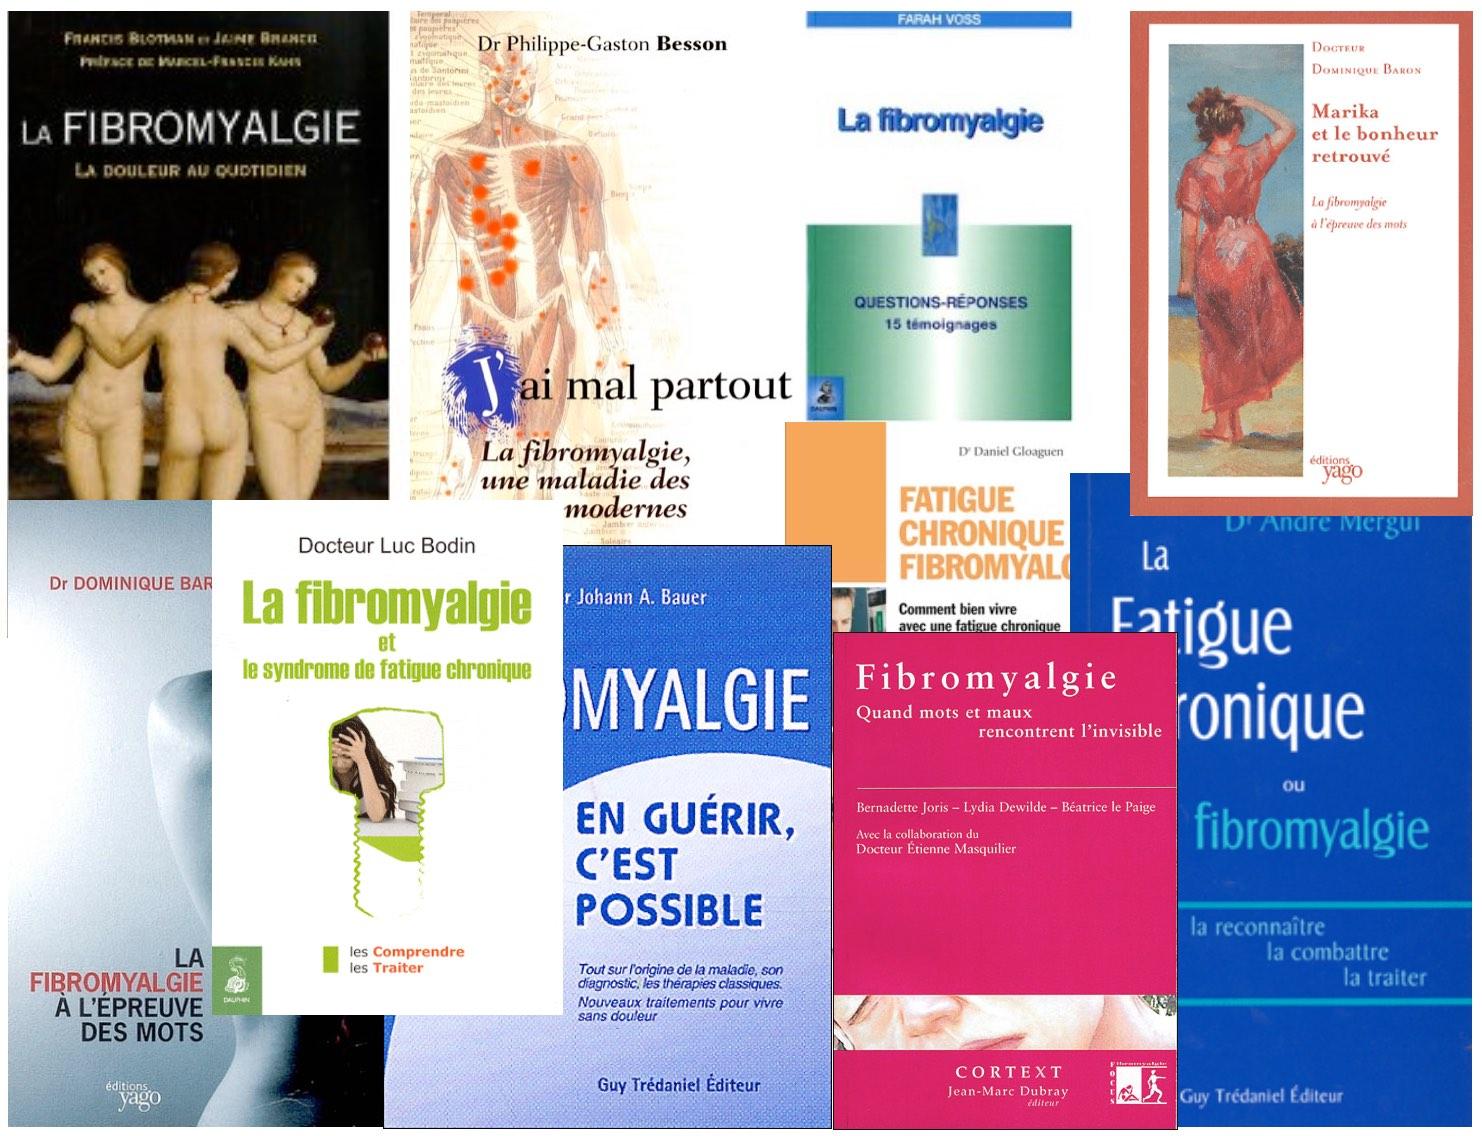 livres sur la firomyalgie